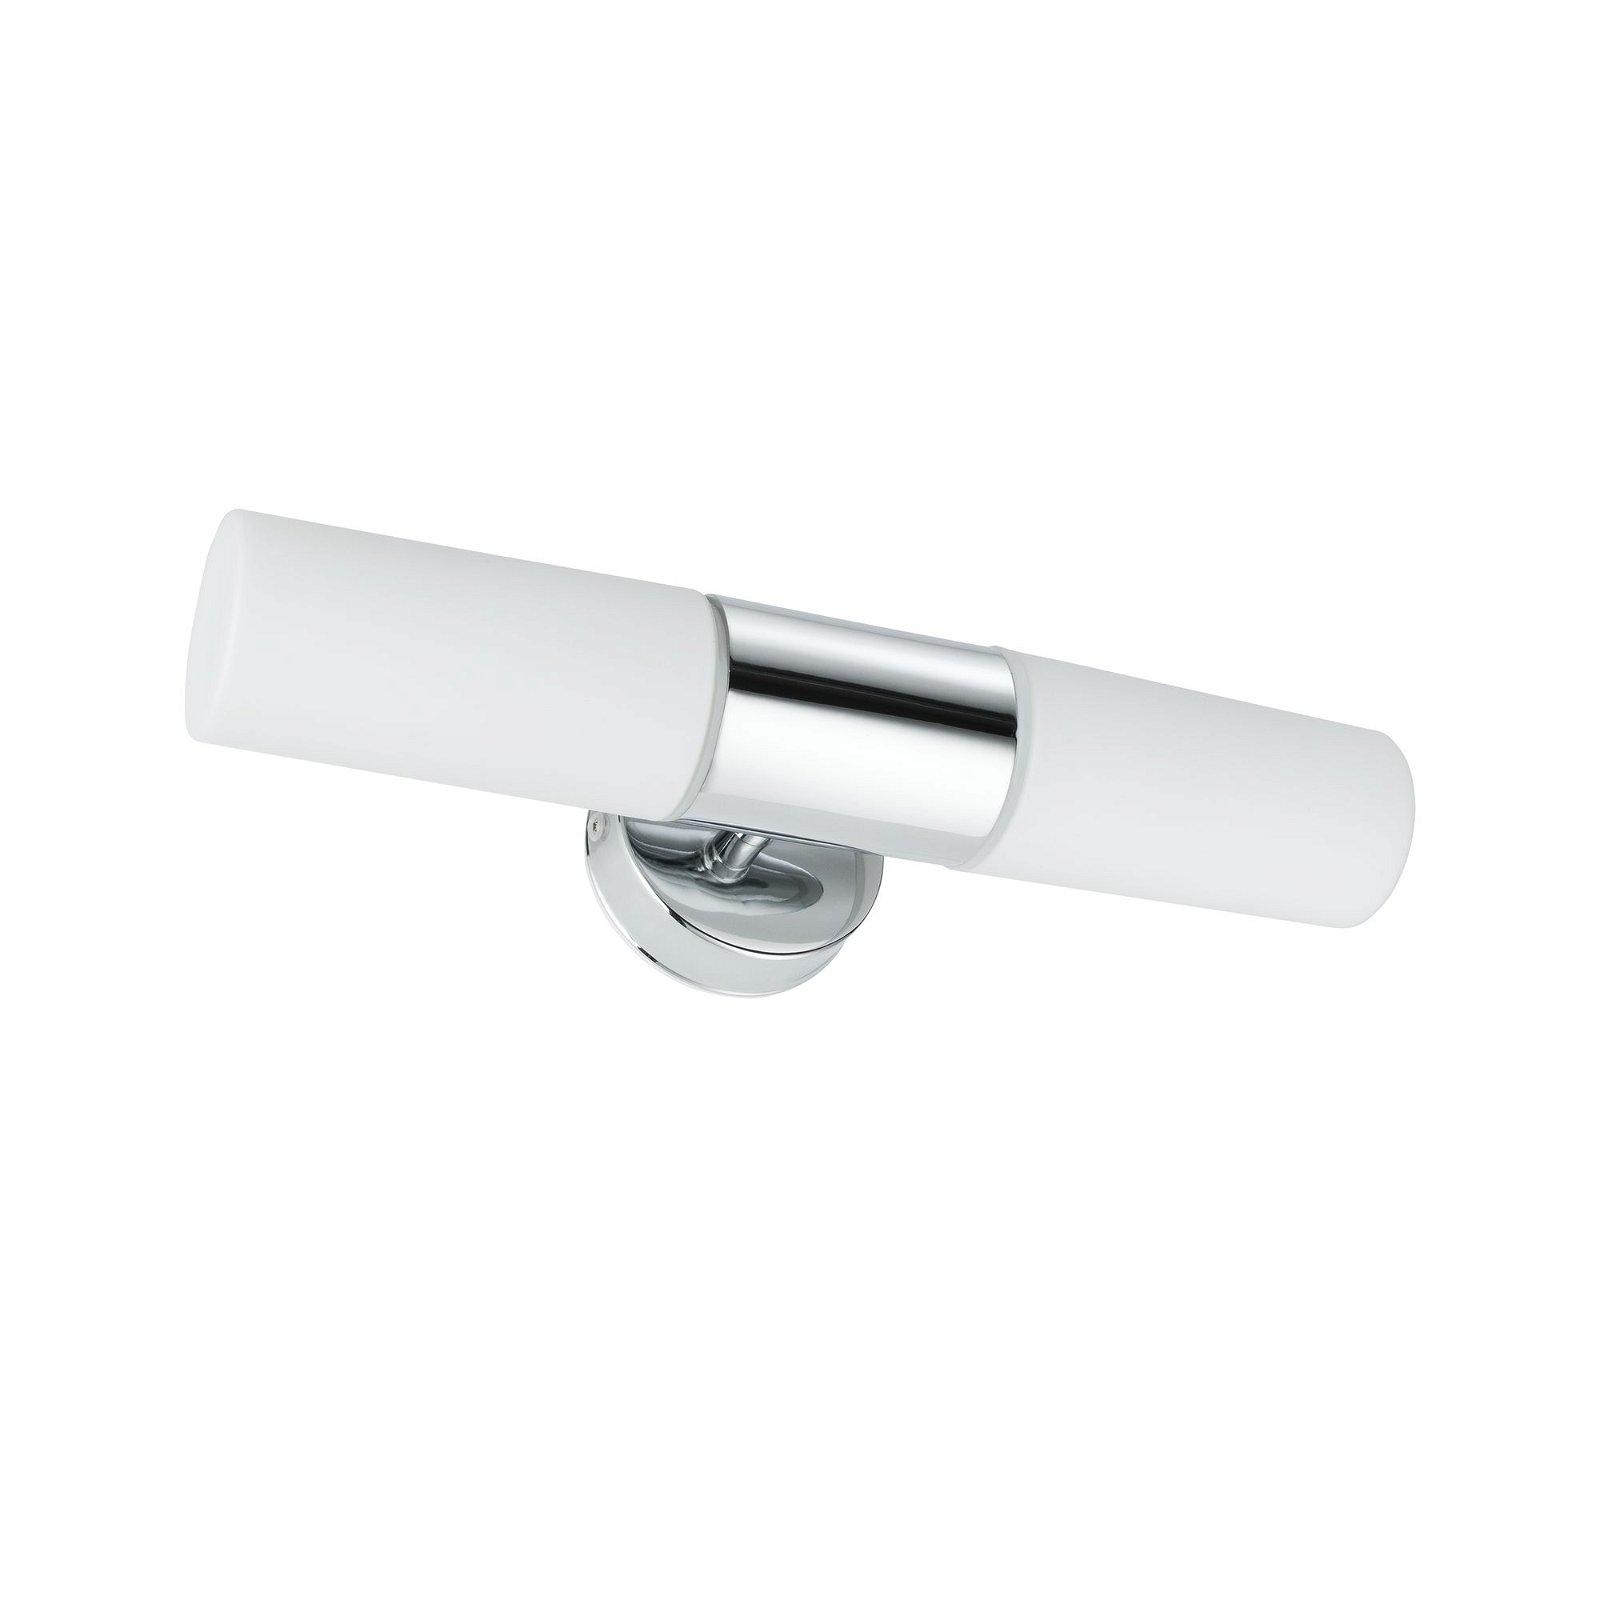 Spiegelleuchte Lenia IP44 E14 230V max. 2x20W Chrom/Opak